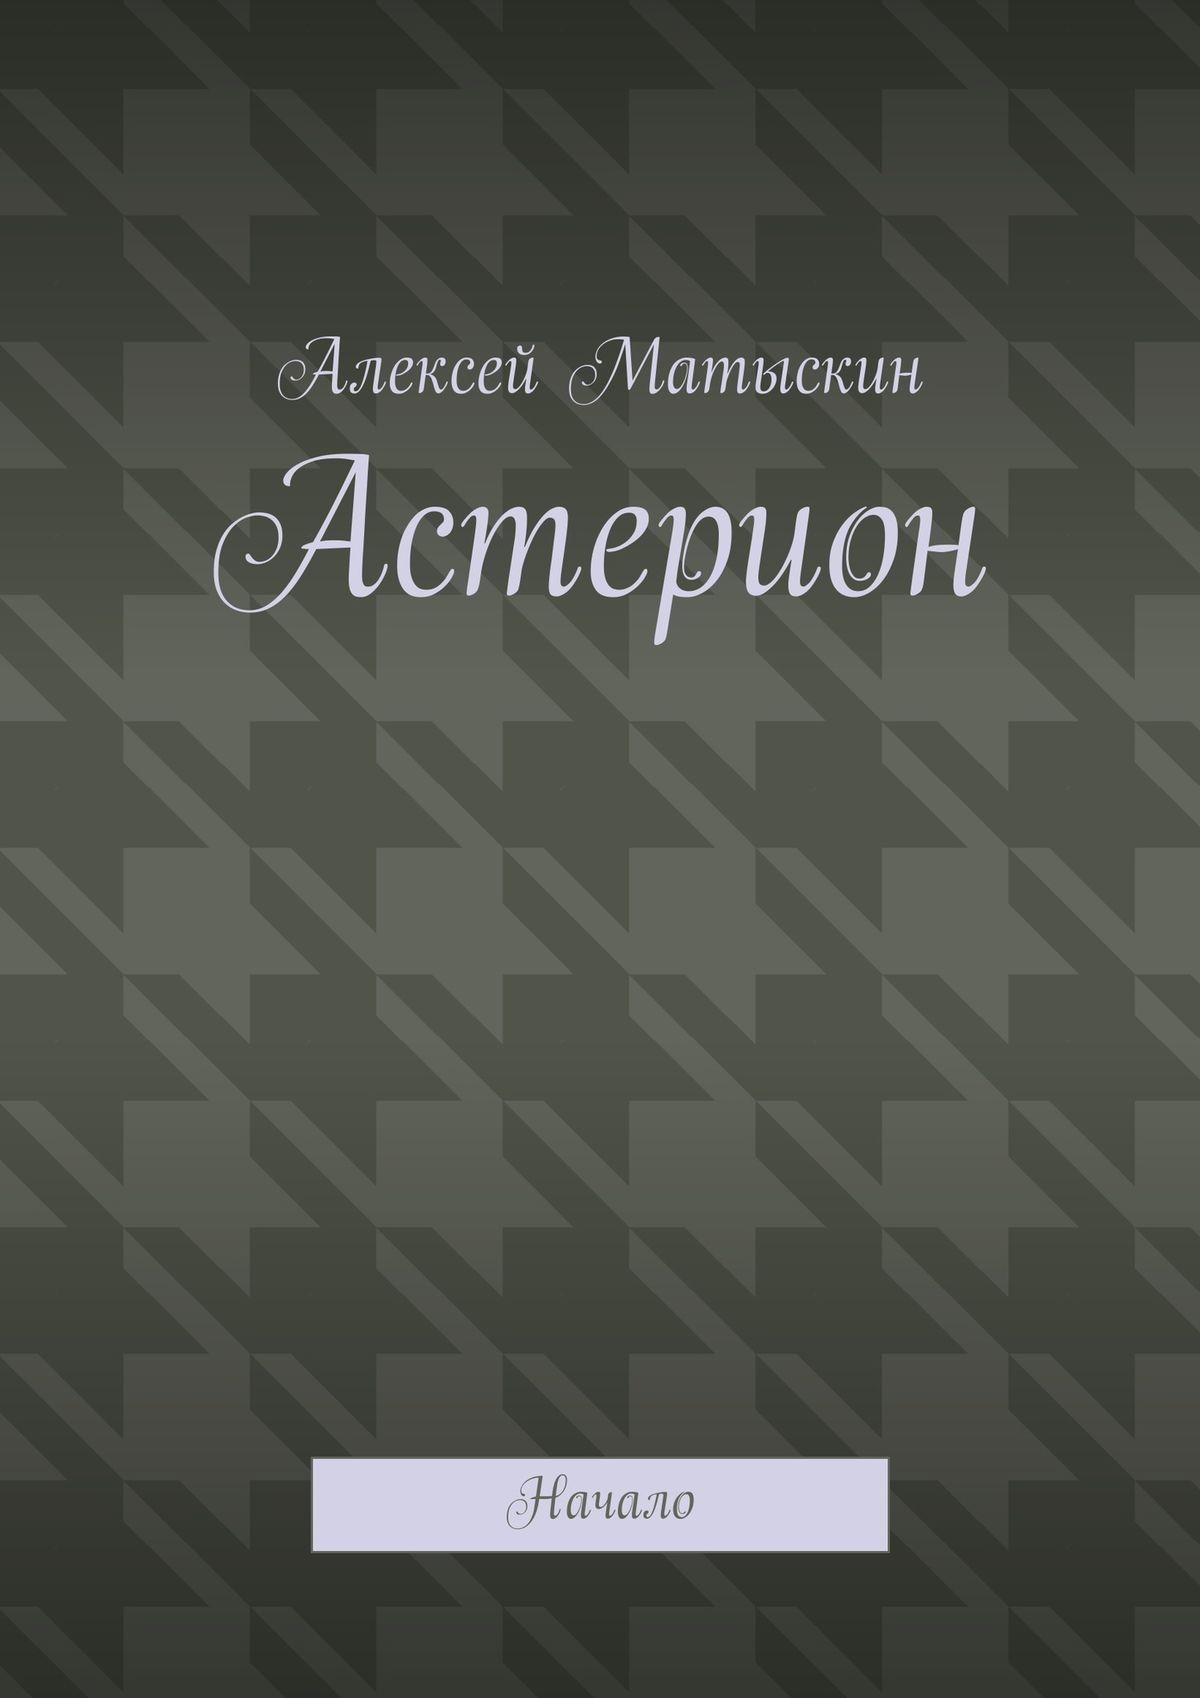 Алексей Владимирович Матыскин Астерион. Начало смулов а промышленные и банковские фирмы